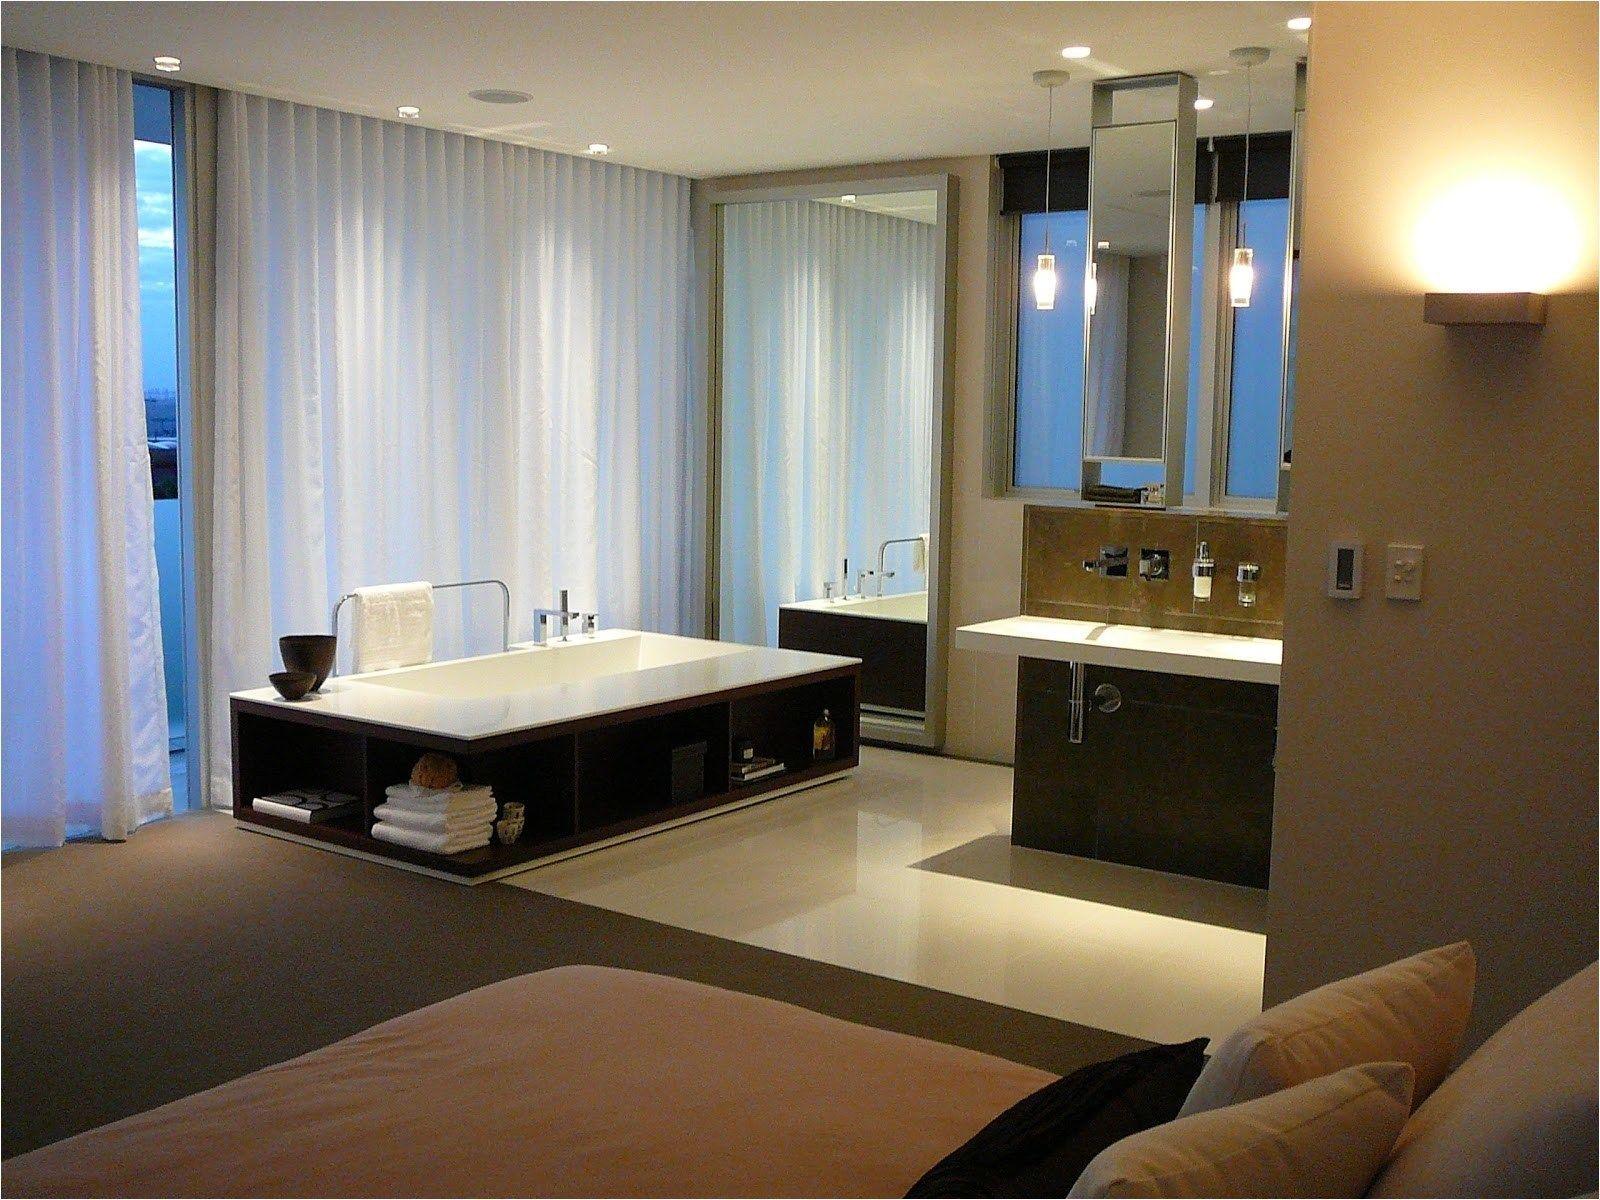 Open Bedroom Bathroom Design 4 Luxurybathroomdesignsgallery Open Plan Bathroom Design Ensuite Bathroom Designs Open Bathroom